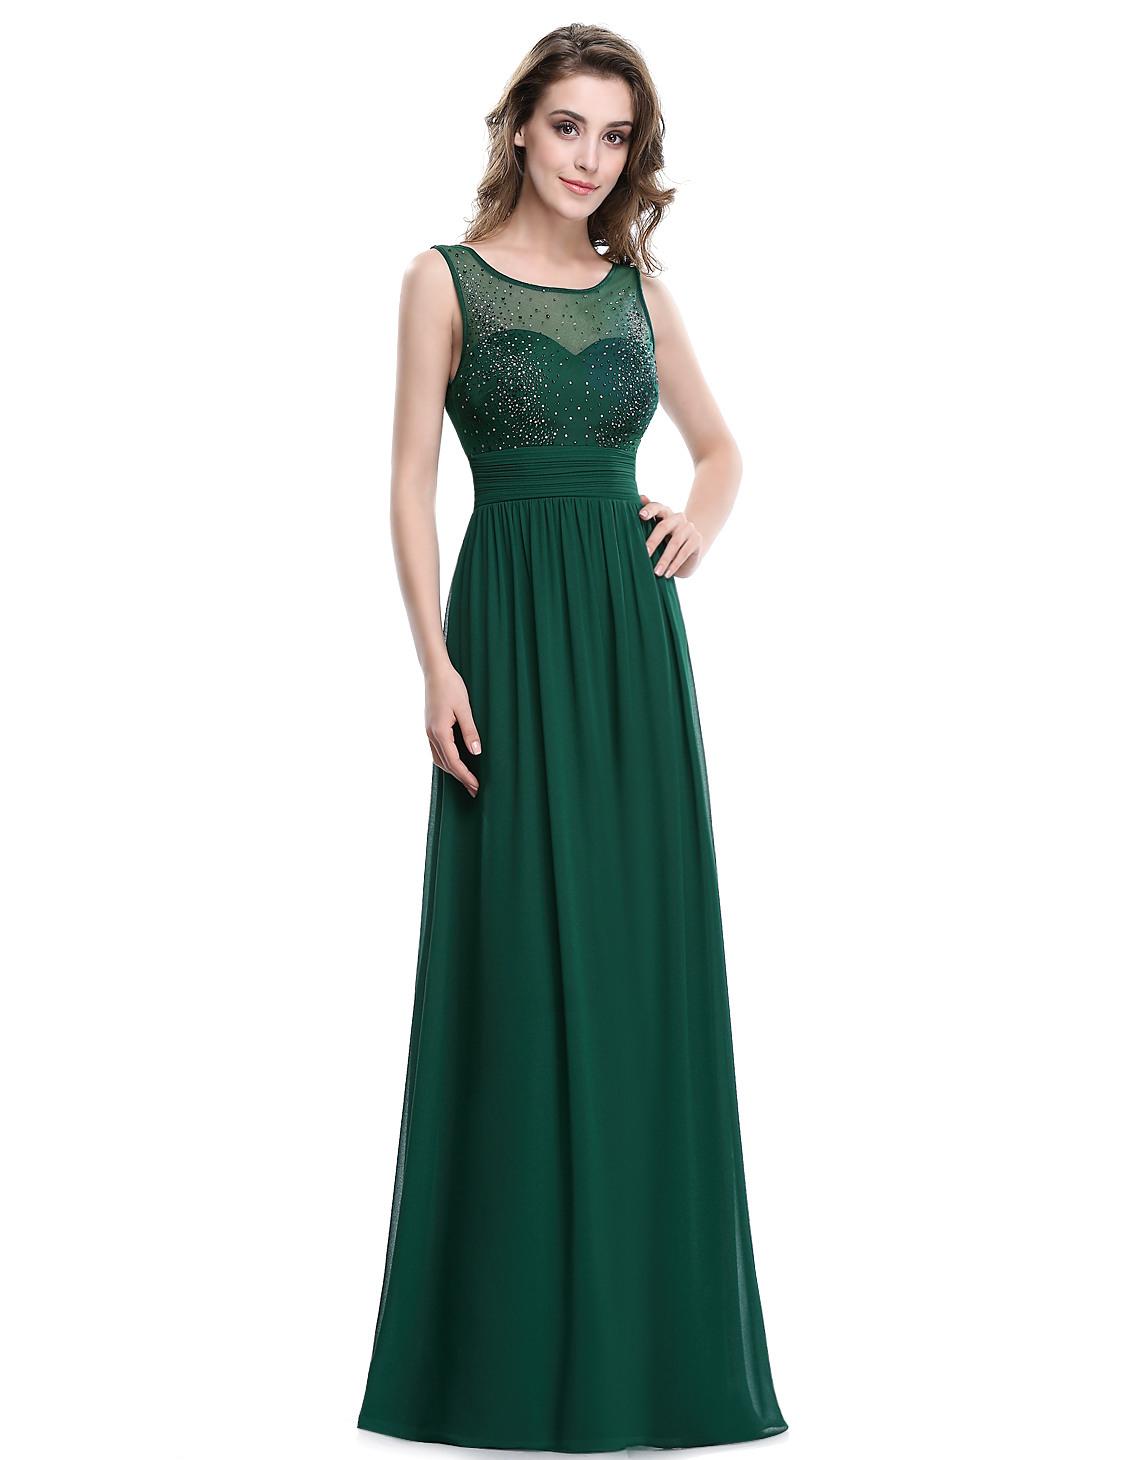 10 Erstaunlich Abendkleid Olivgrün Bester PreisDesigner Schön Abendkleid Olivgrün Ärmel